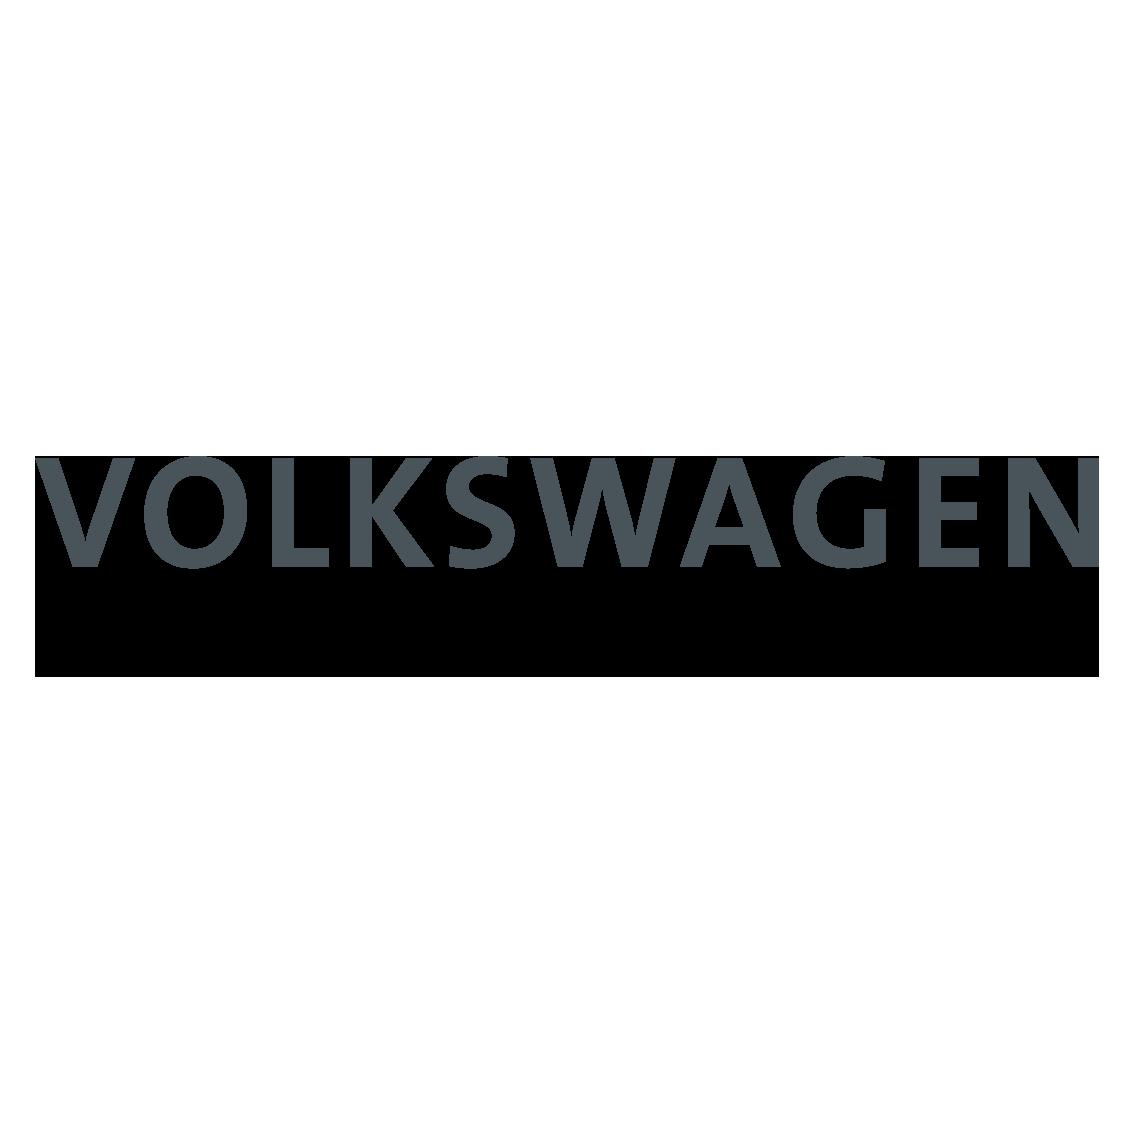 Dr. Thorsten Gläsner, Product Owner 3D Marketplace, Volkswagen AG